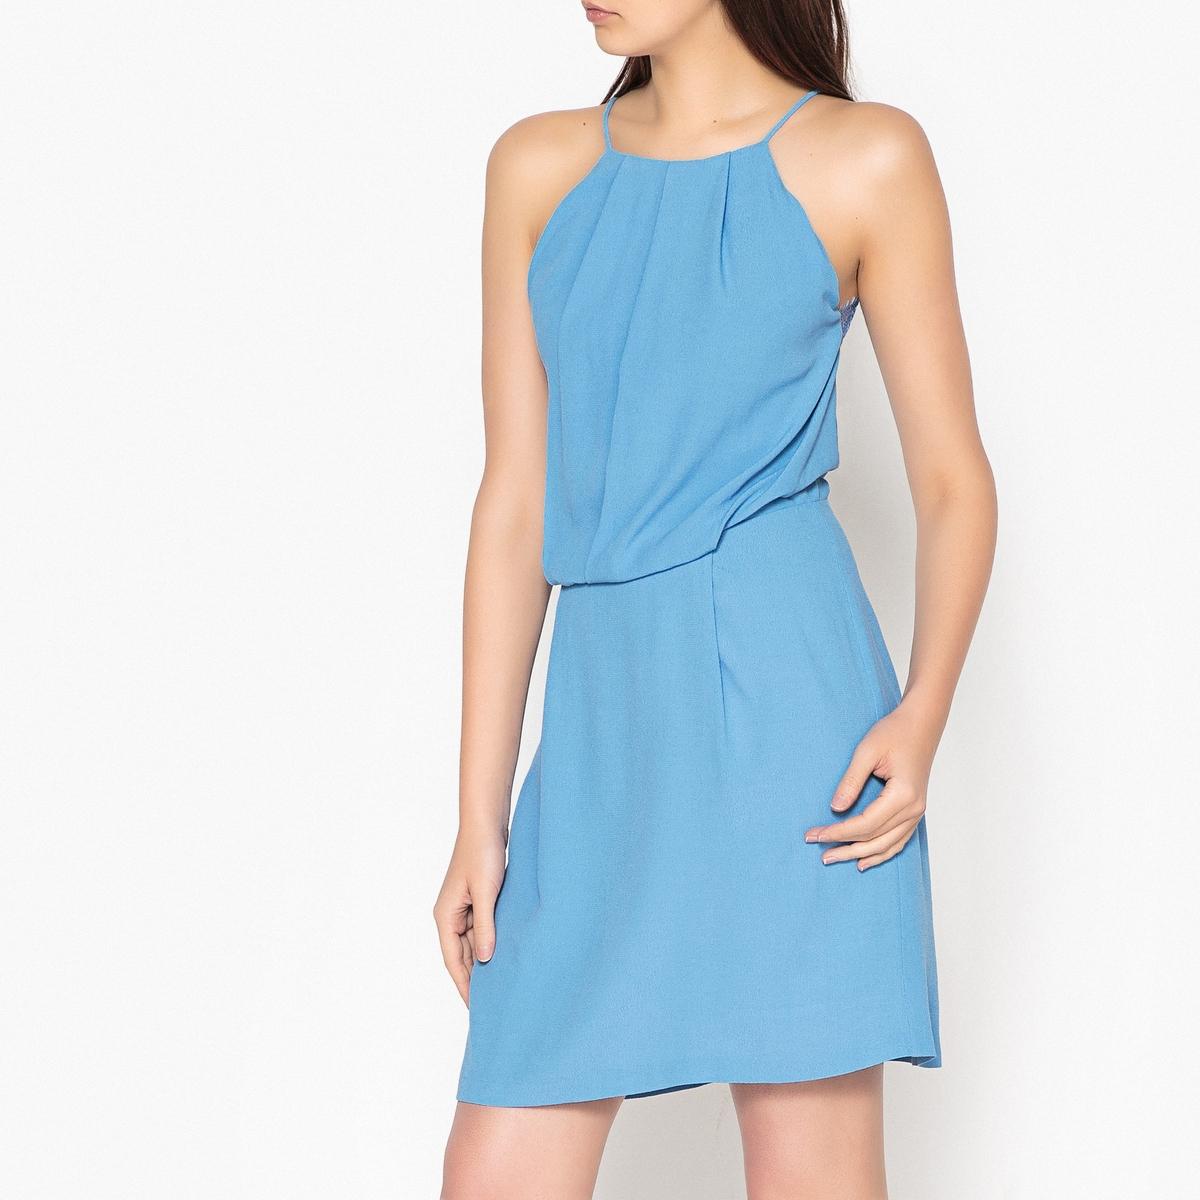 Платье короткое на тонких бретелях с кружевом WILLOW платье летнее на тонких бретелях marianne